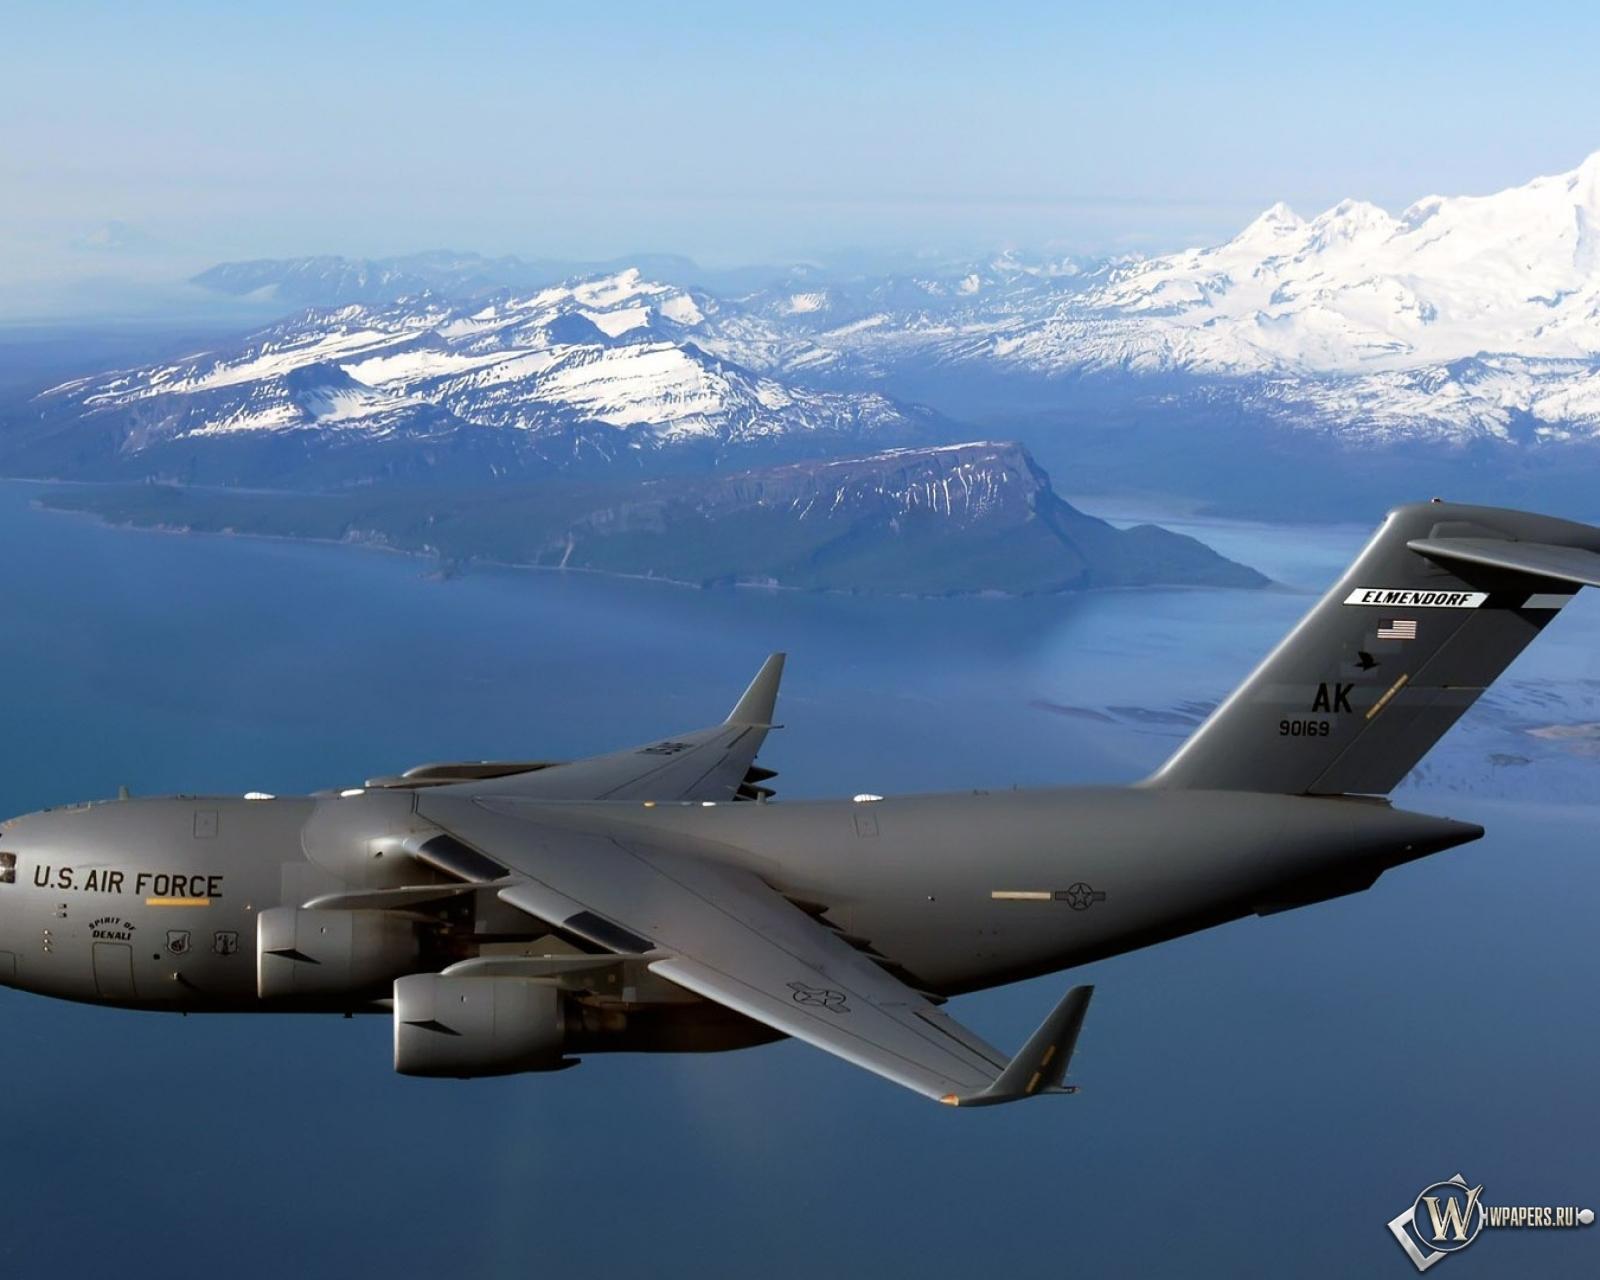 Военный самолет air force 1600x1280